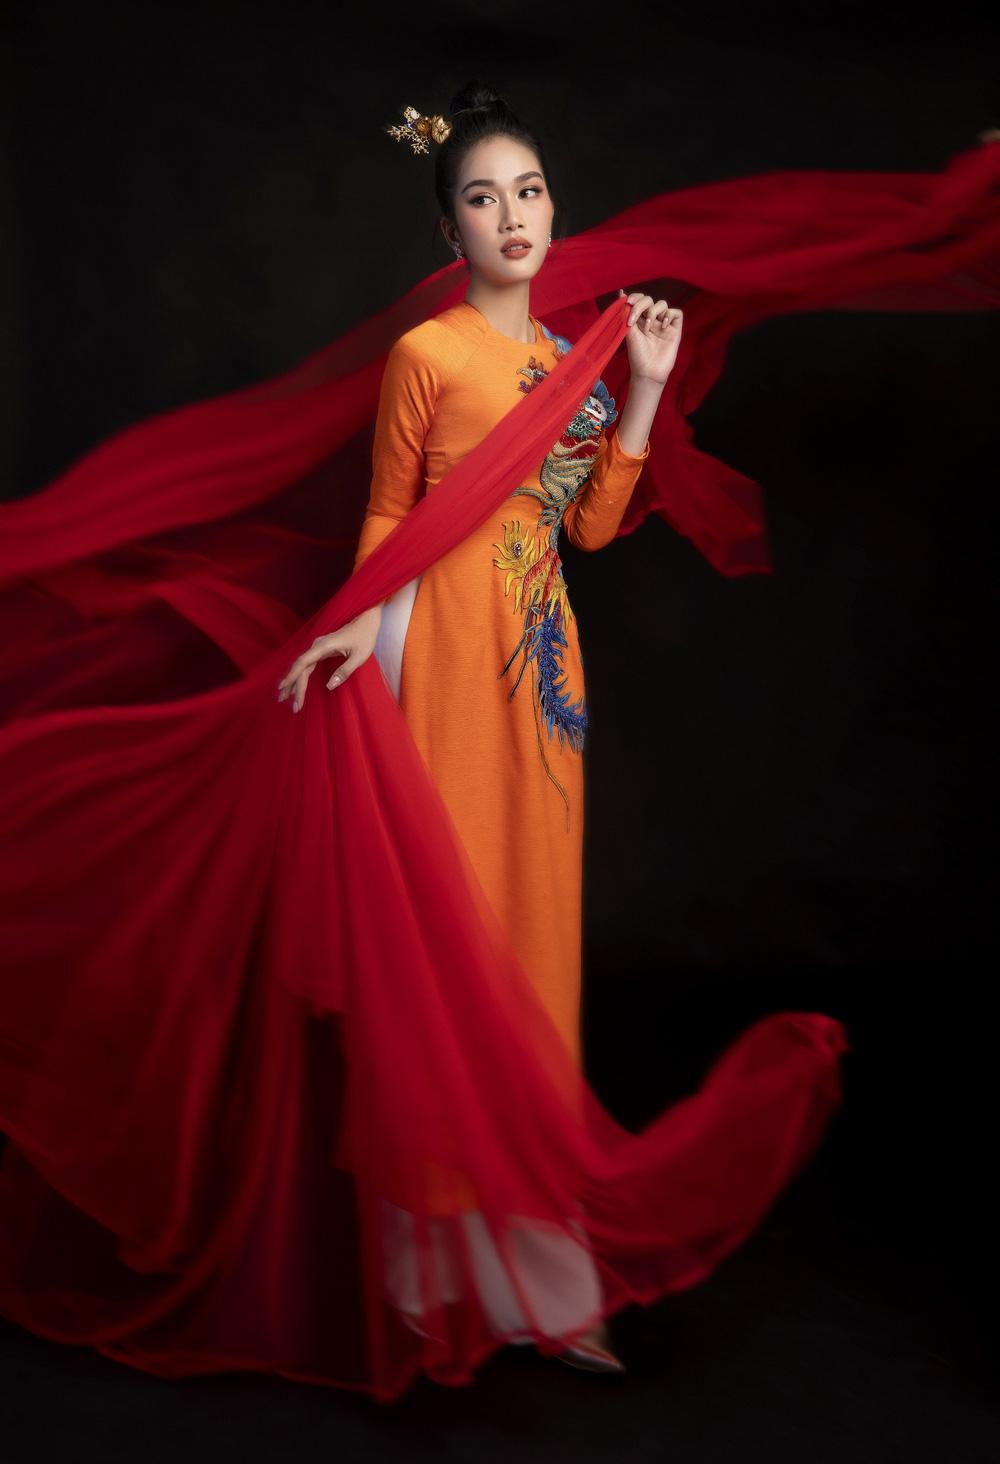 Hoa hậu Đỗ Thị Hà khoe vẻ sắc sảo với áo dài retro - ảnh 12